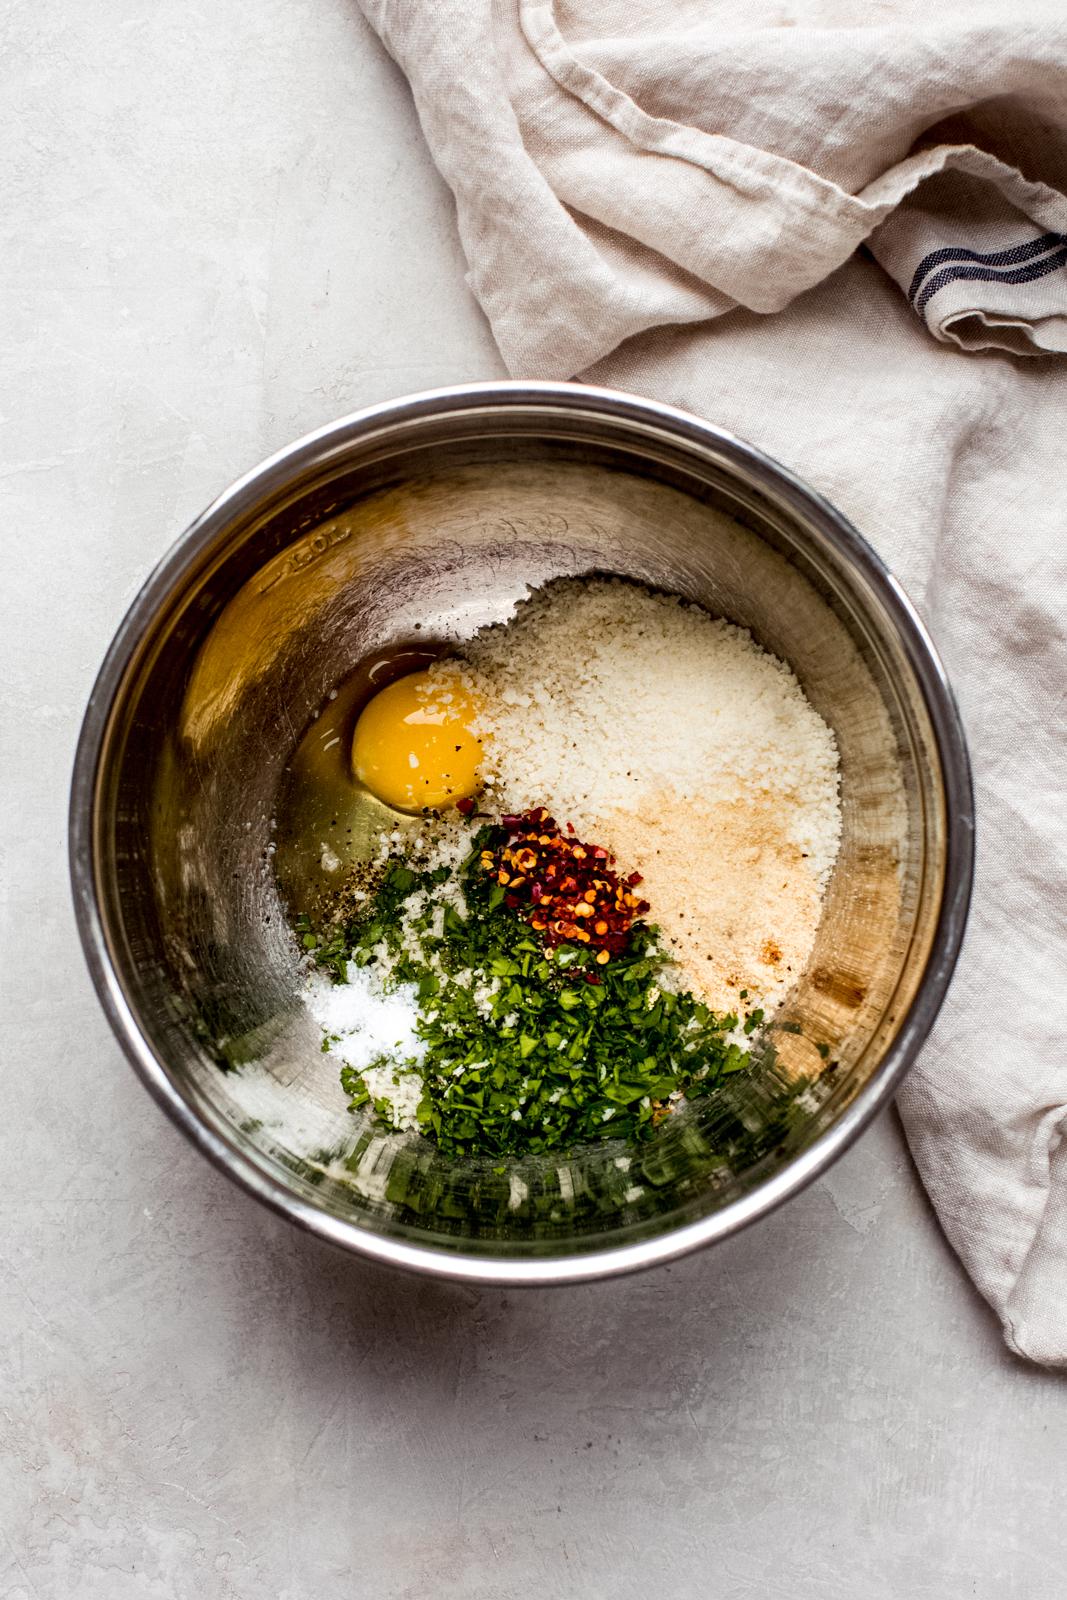 ingredients in metal bowl of meatballs